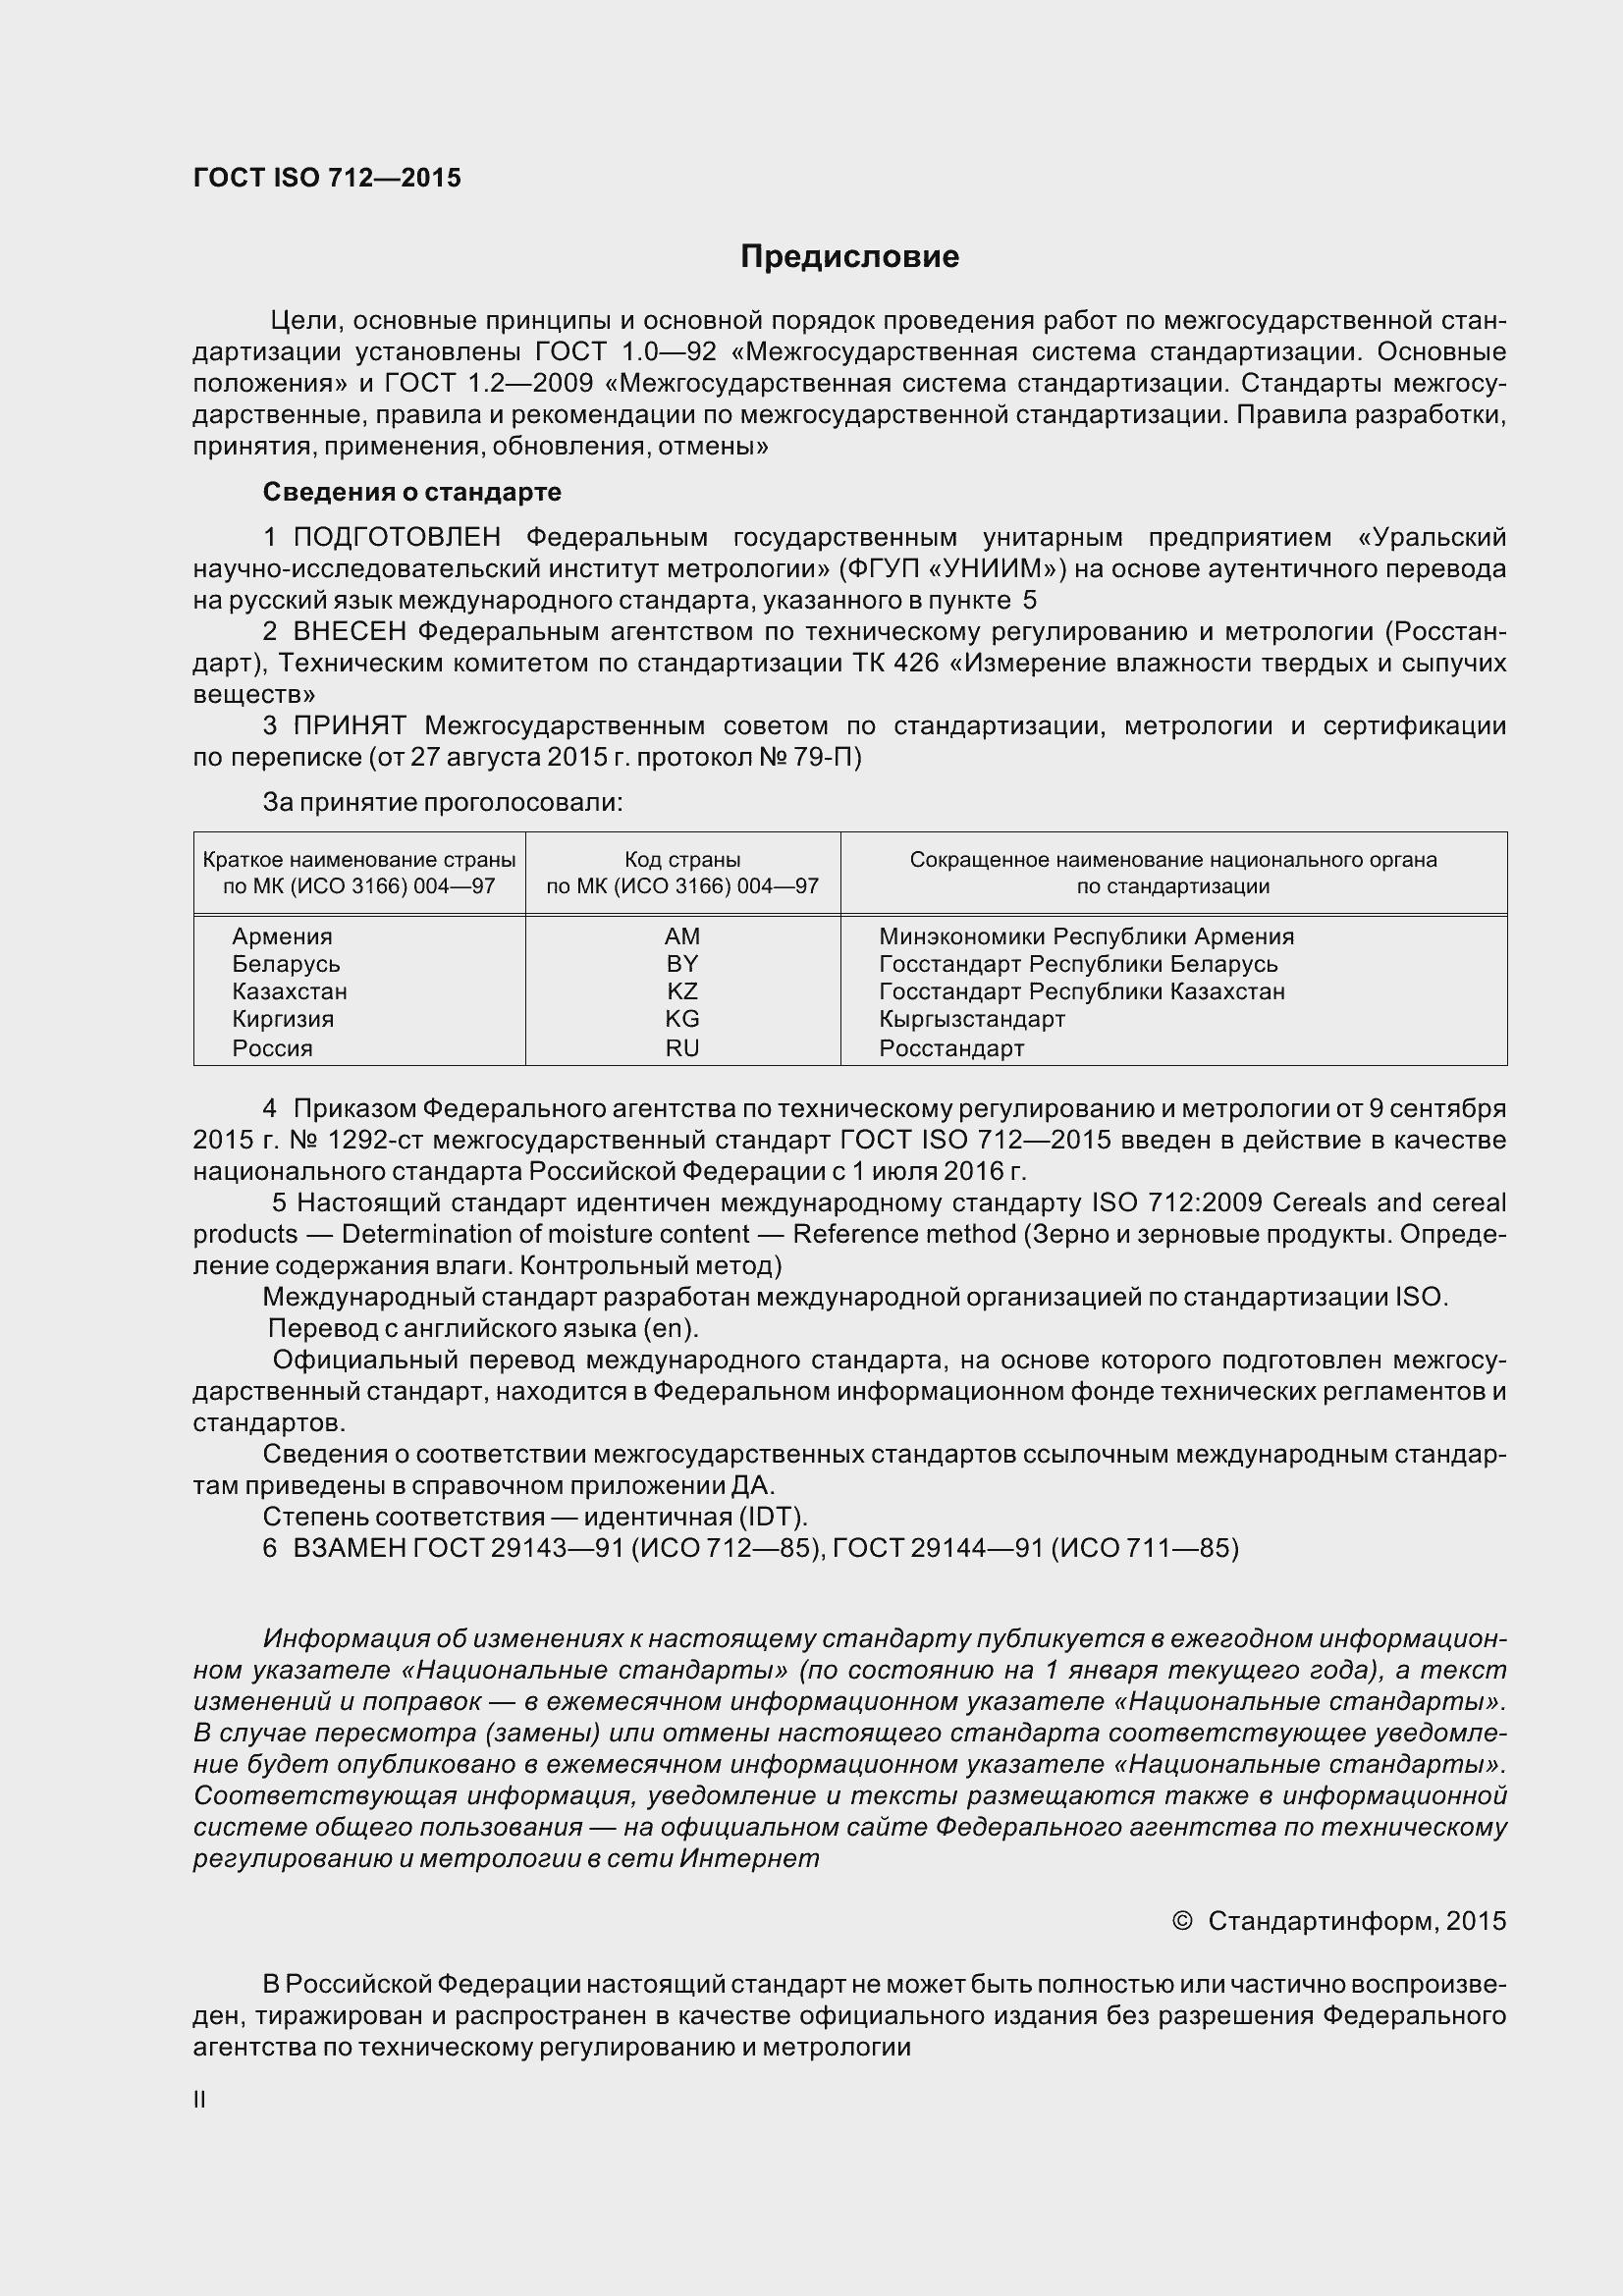 ГОСТ iso Зерно и зерновые продукты Определение  ГОСТ iso 712 2015 Страница 2